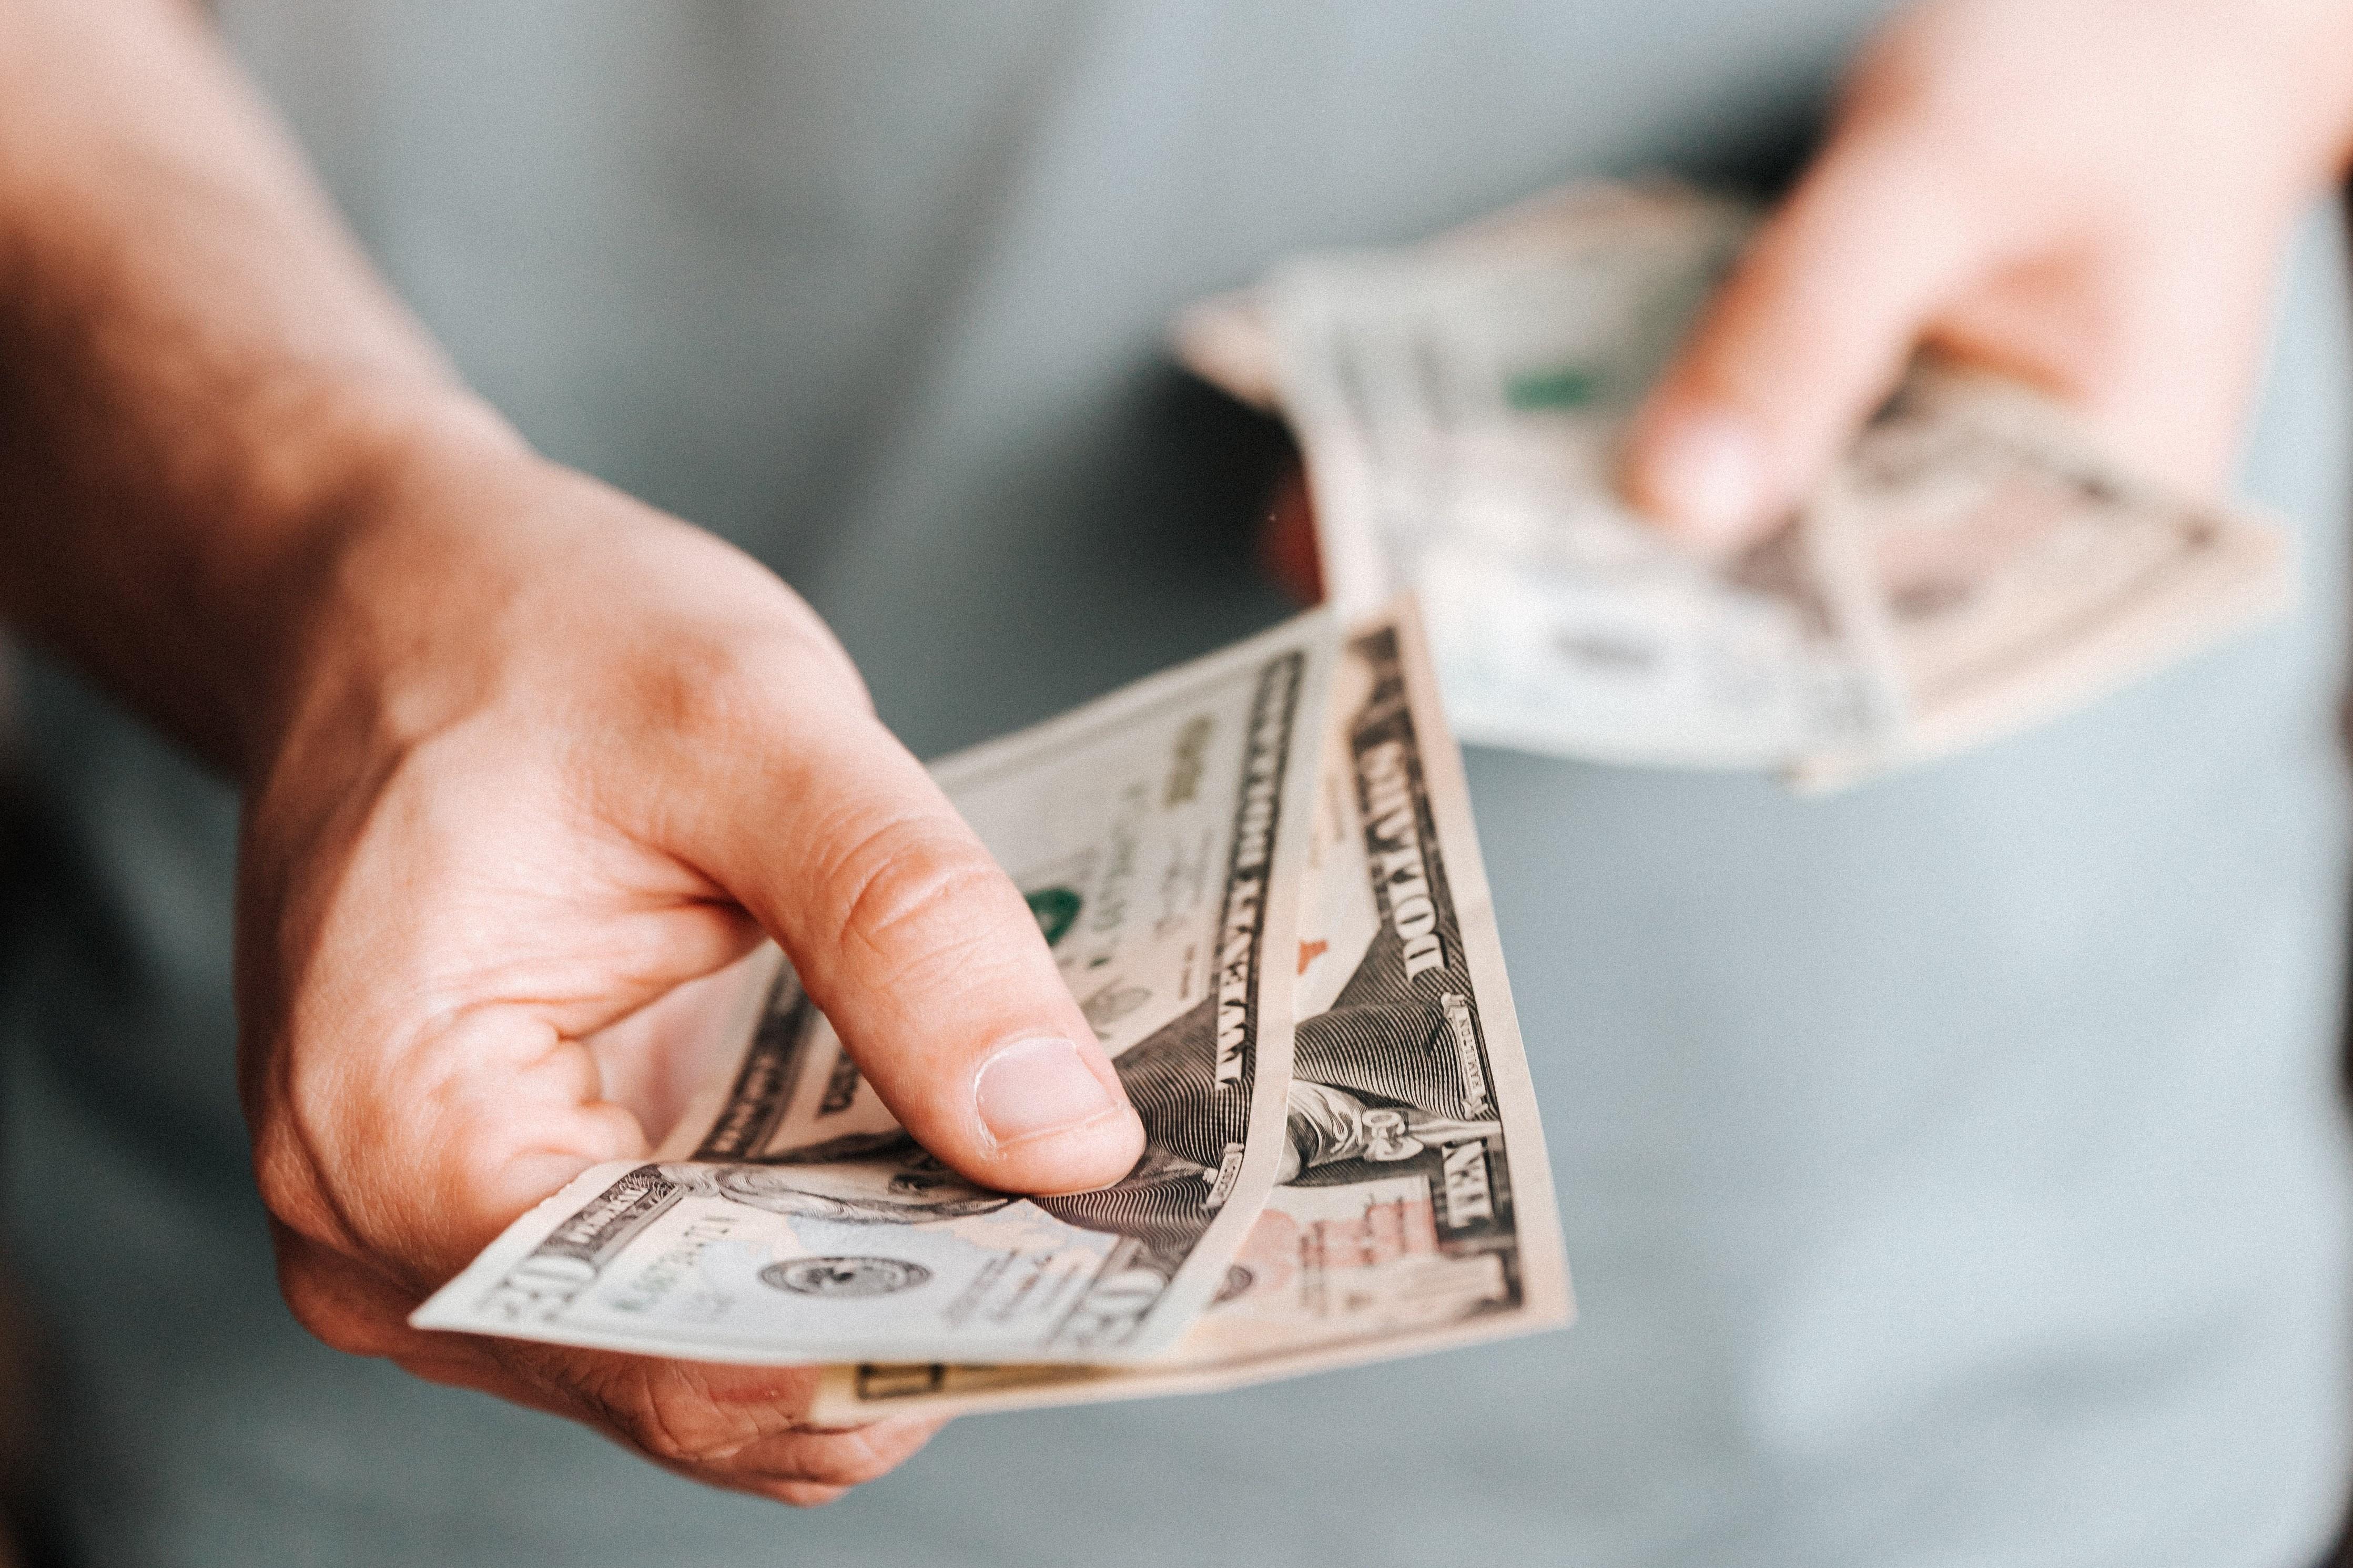 Vemos um homem mostrando notas de dólares, fazendo referência às ações.